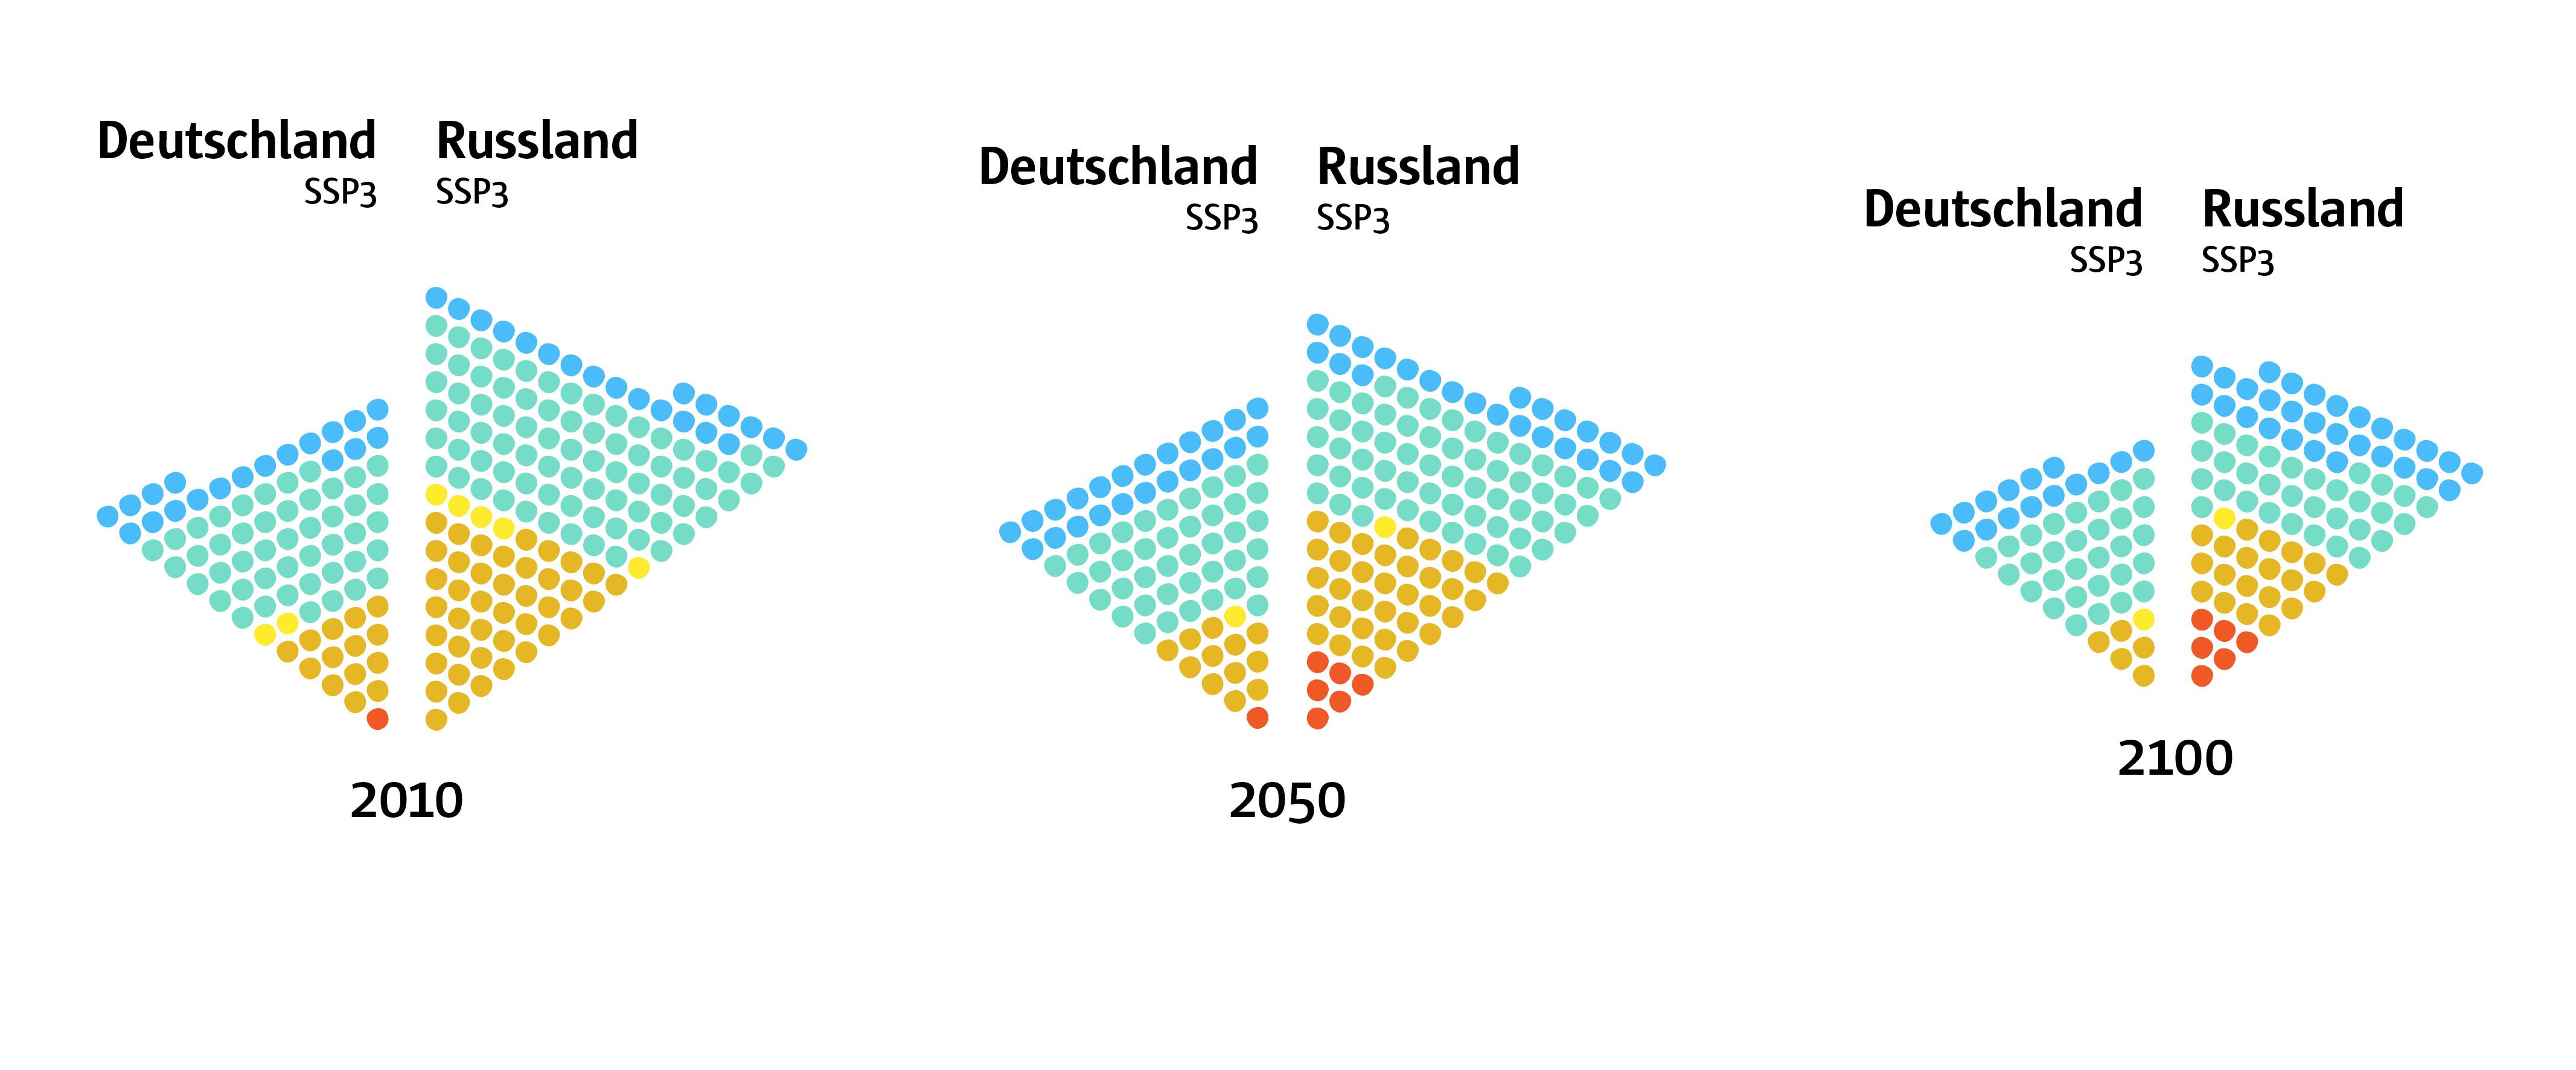 Beispiel Visualisierung von dem Vergleich der Bevölkerungszahl Deutschland und Russlands - in Verbindung mit dem Bildungsstand